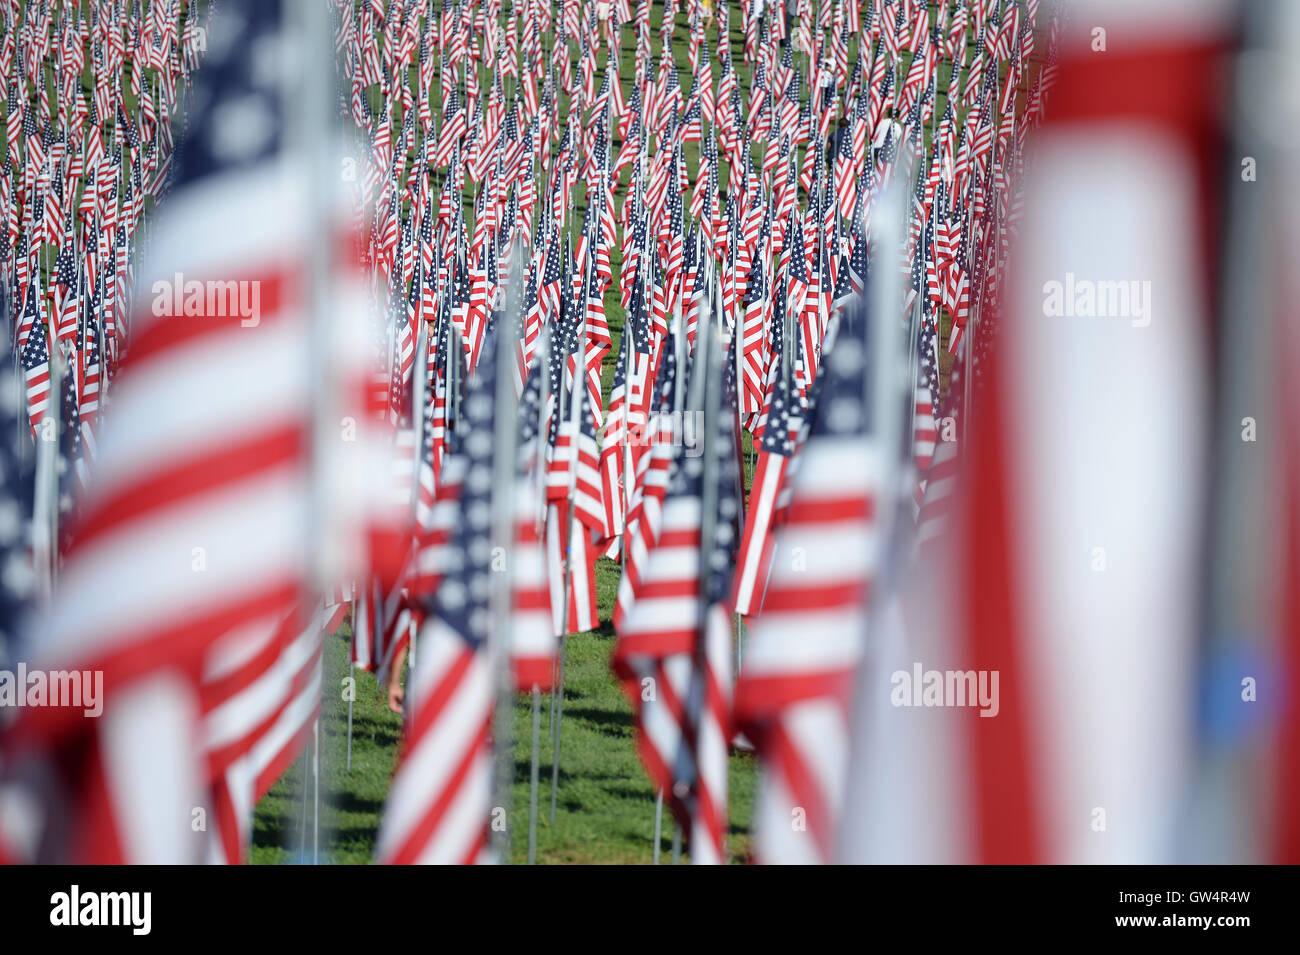 Saint Louis, MO - 11 de septiembre de 2016: Más de 7.000 marcas con nombre, foto y dog tag de soldado muerto defendiendo los Estados Unidos ola fuera del Museo de Arte de San Luis en San Luis, Misurí, Crédito: Gino's Premium Images/Alamy Live News Foto de stock